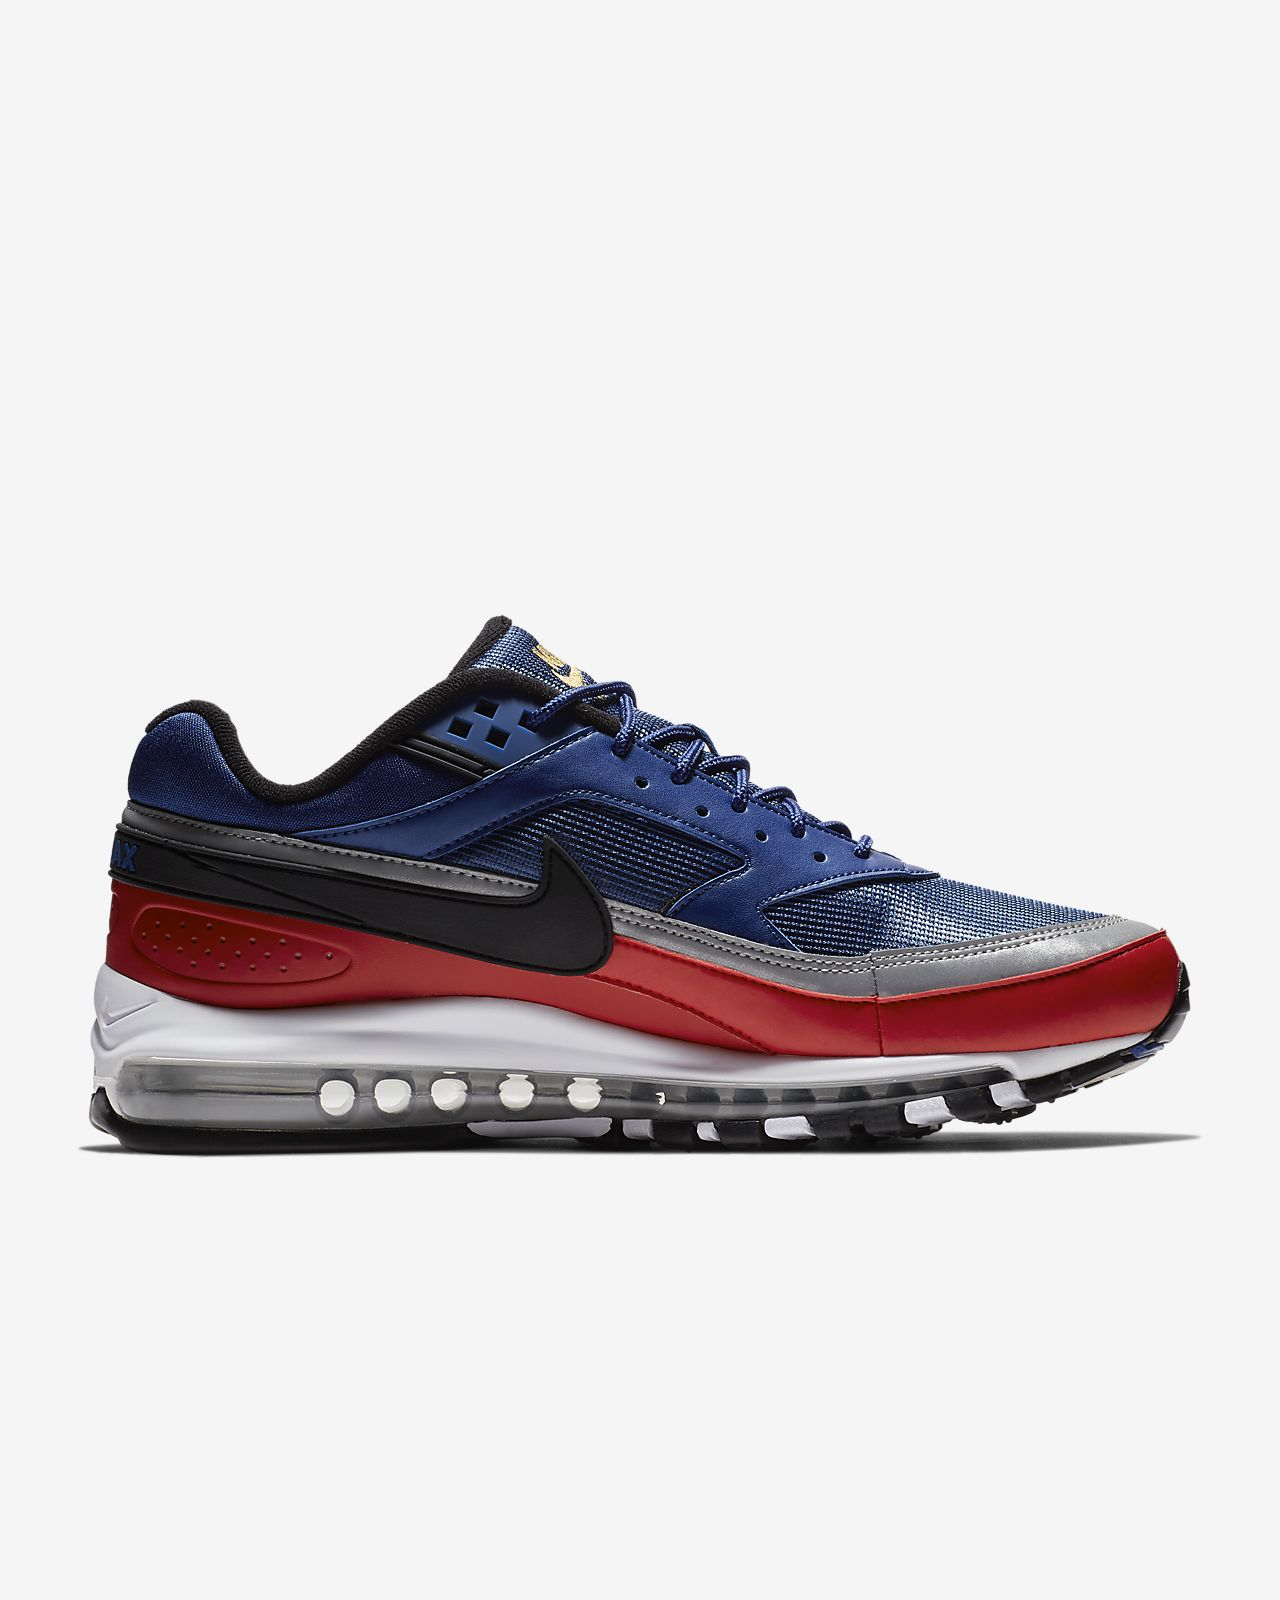 b3a569c31a Chaussure Nike Air Max 97/BW pour Homme.